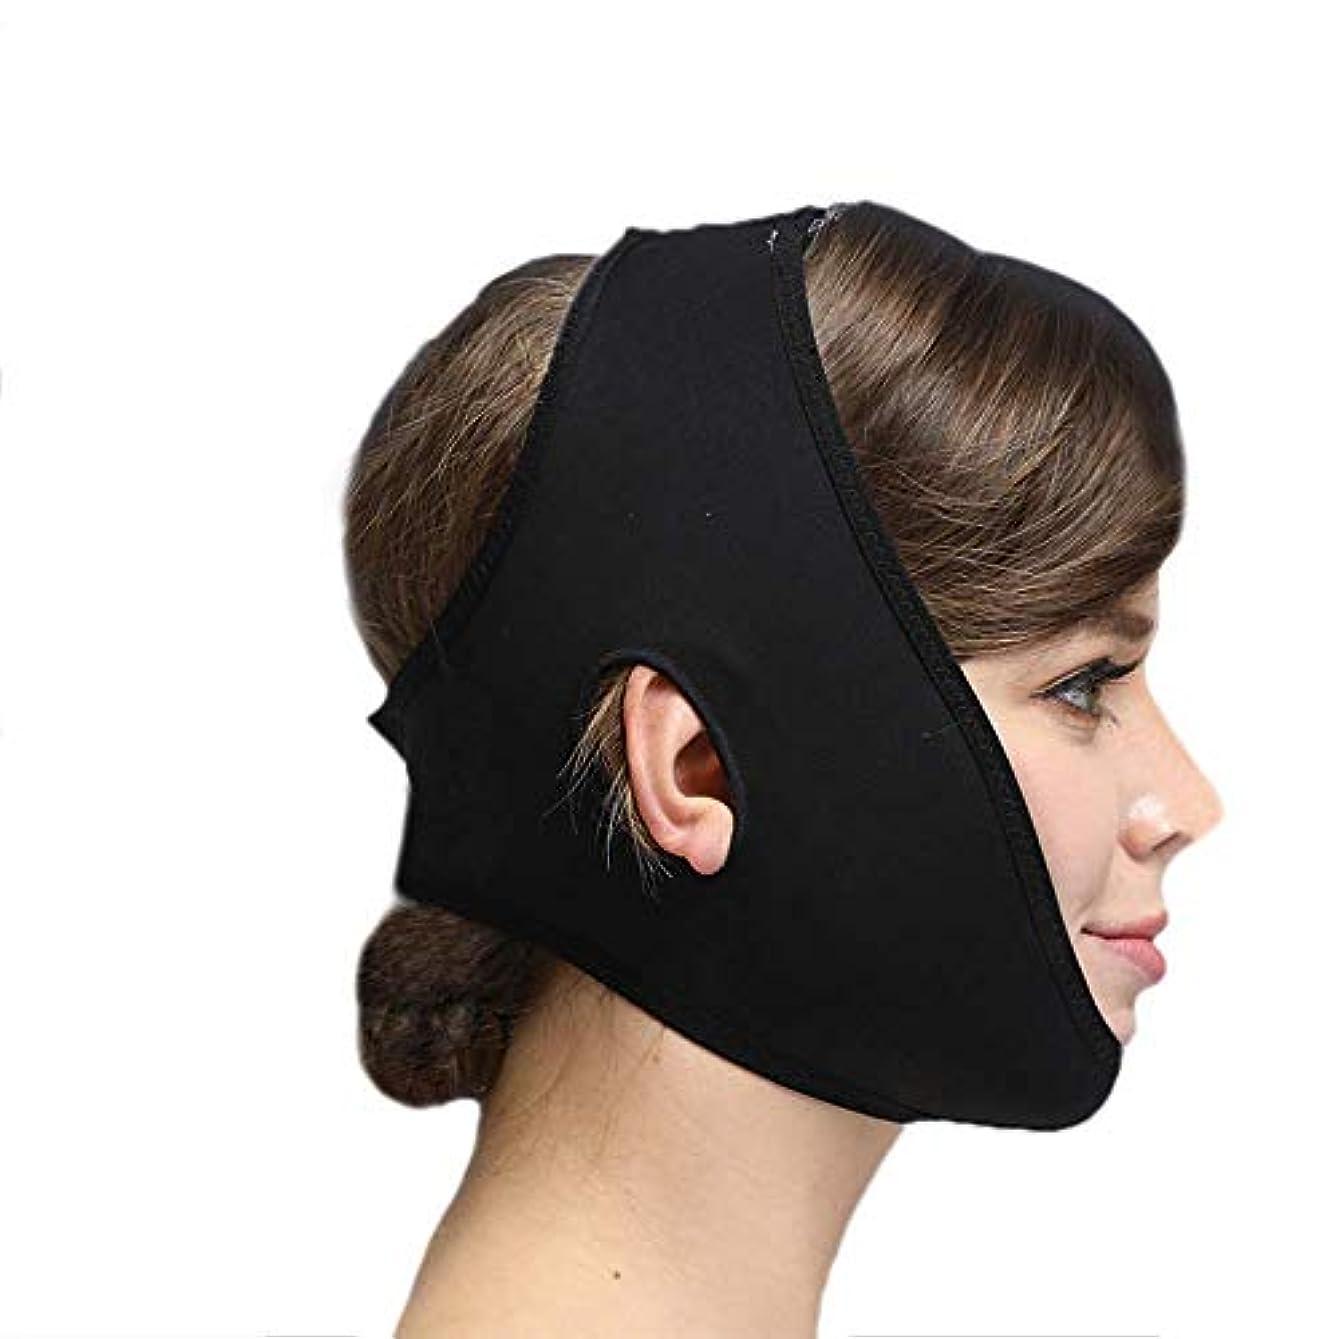 冷淡な福祉急襲フェイススリミングマスク、快適さと通気性、フェイシャルリフティング、輪郭の改善された硬さ、ファーミングとリフティングフェイス(カラー:ブラック、サイズ:XL),ブラック2、L